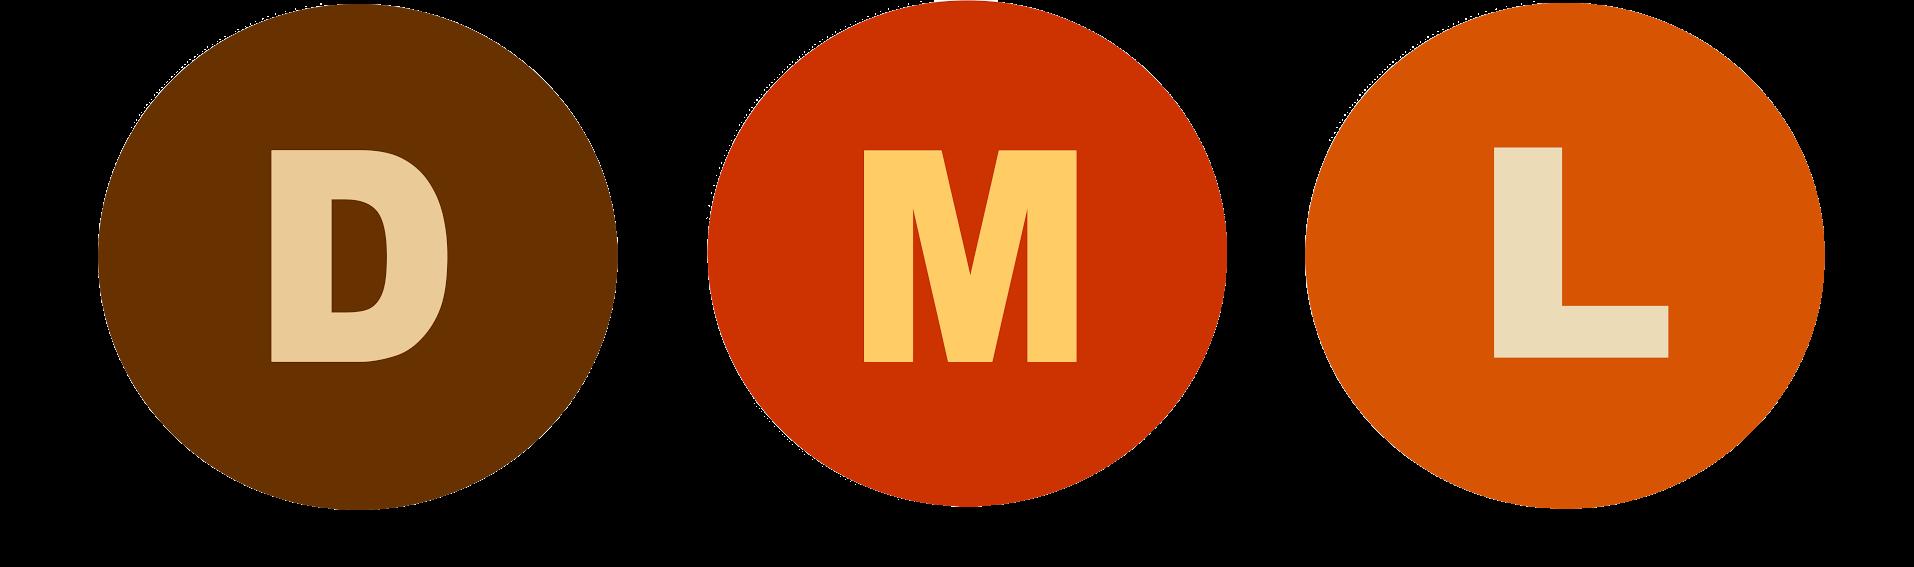 DML Logo clear (2)